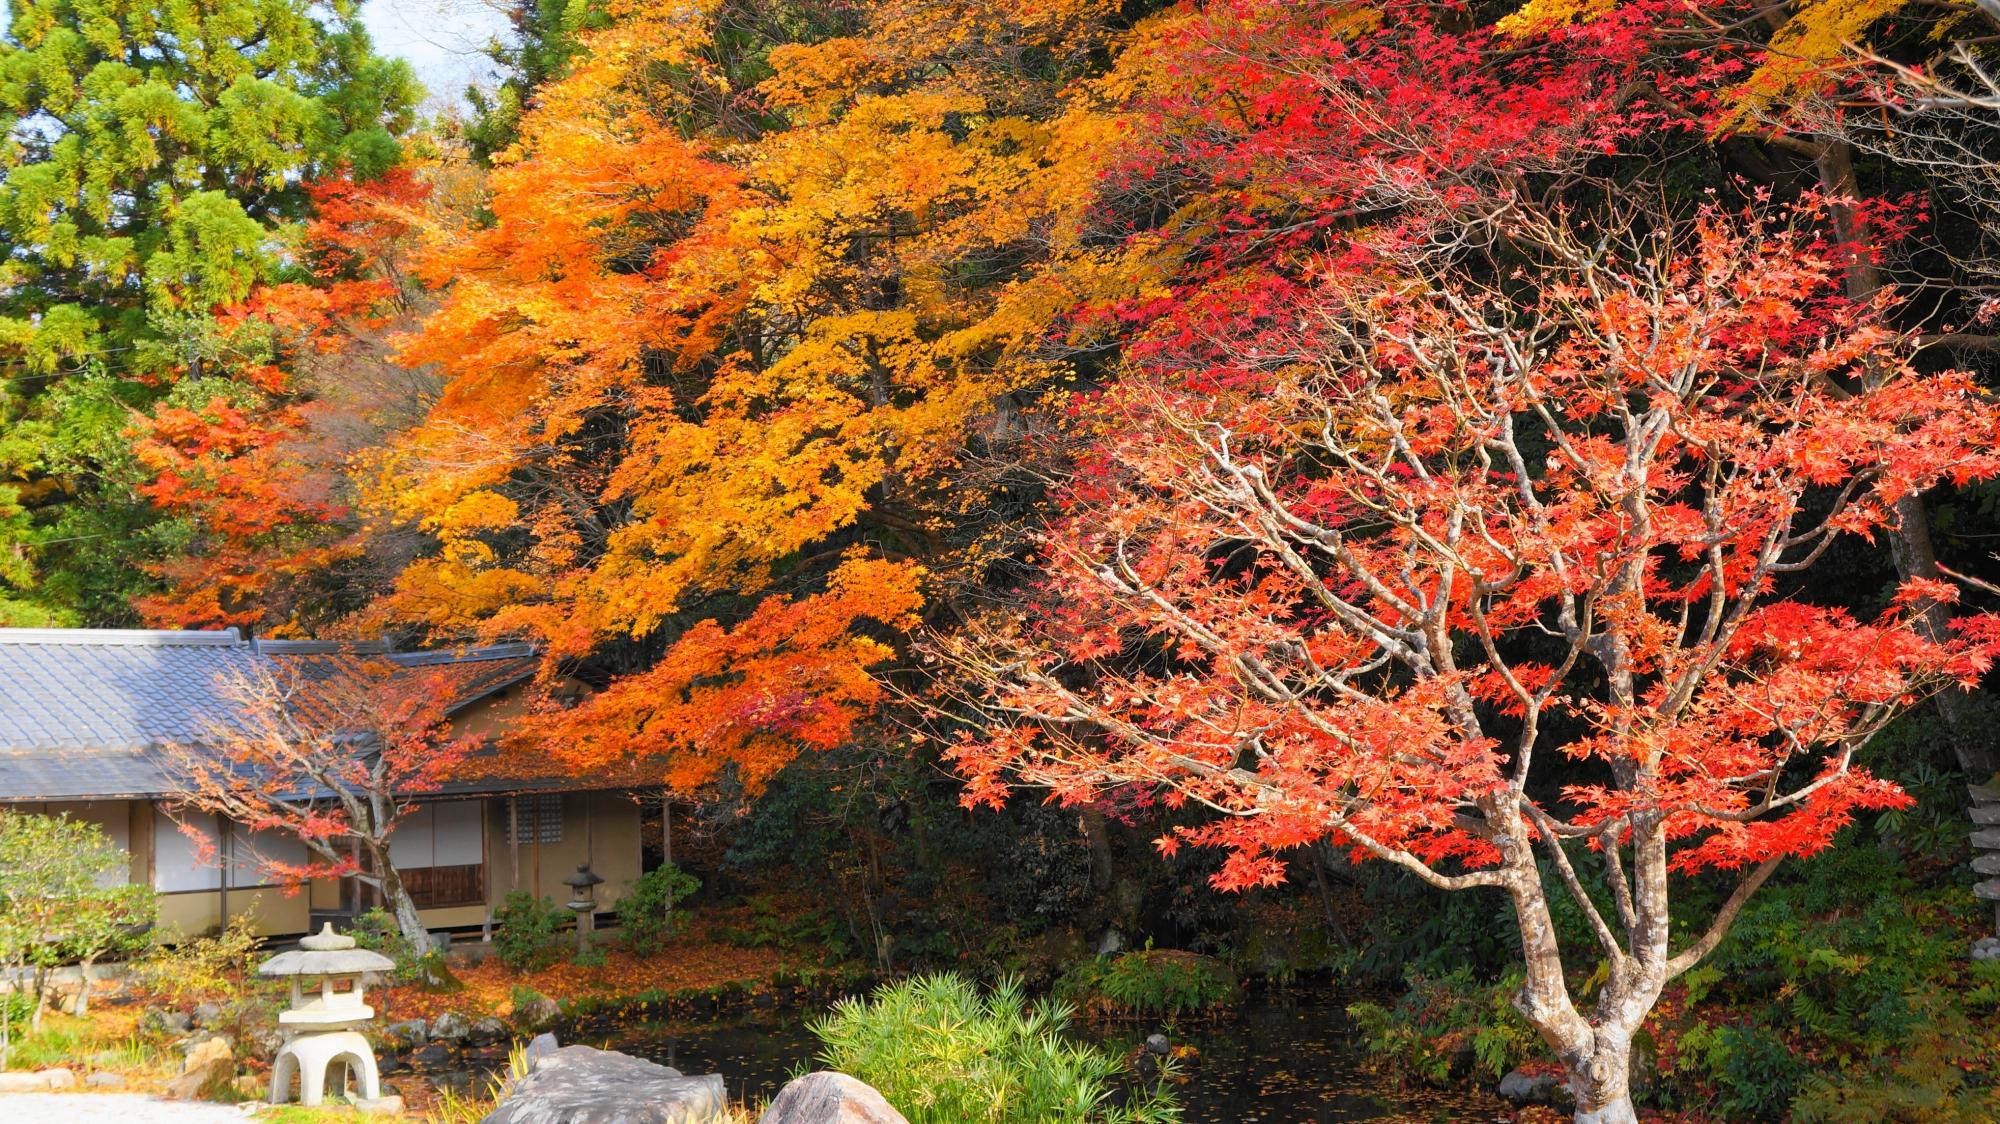 龍吟庭を染める多彩な紅葉